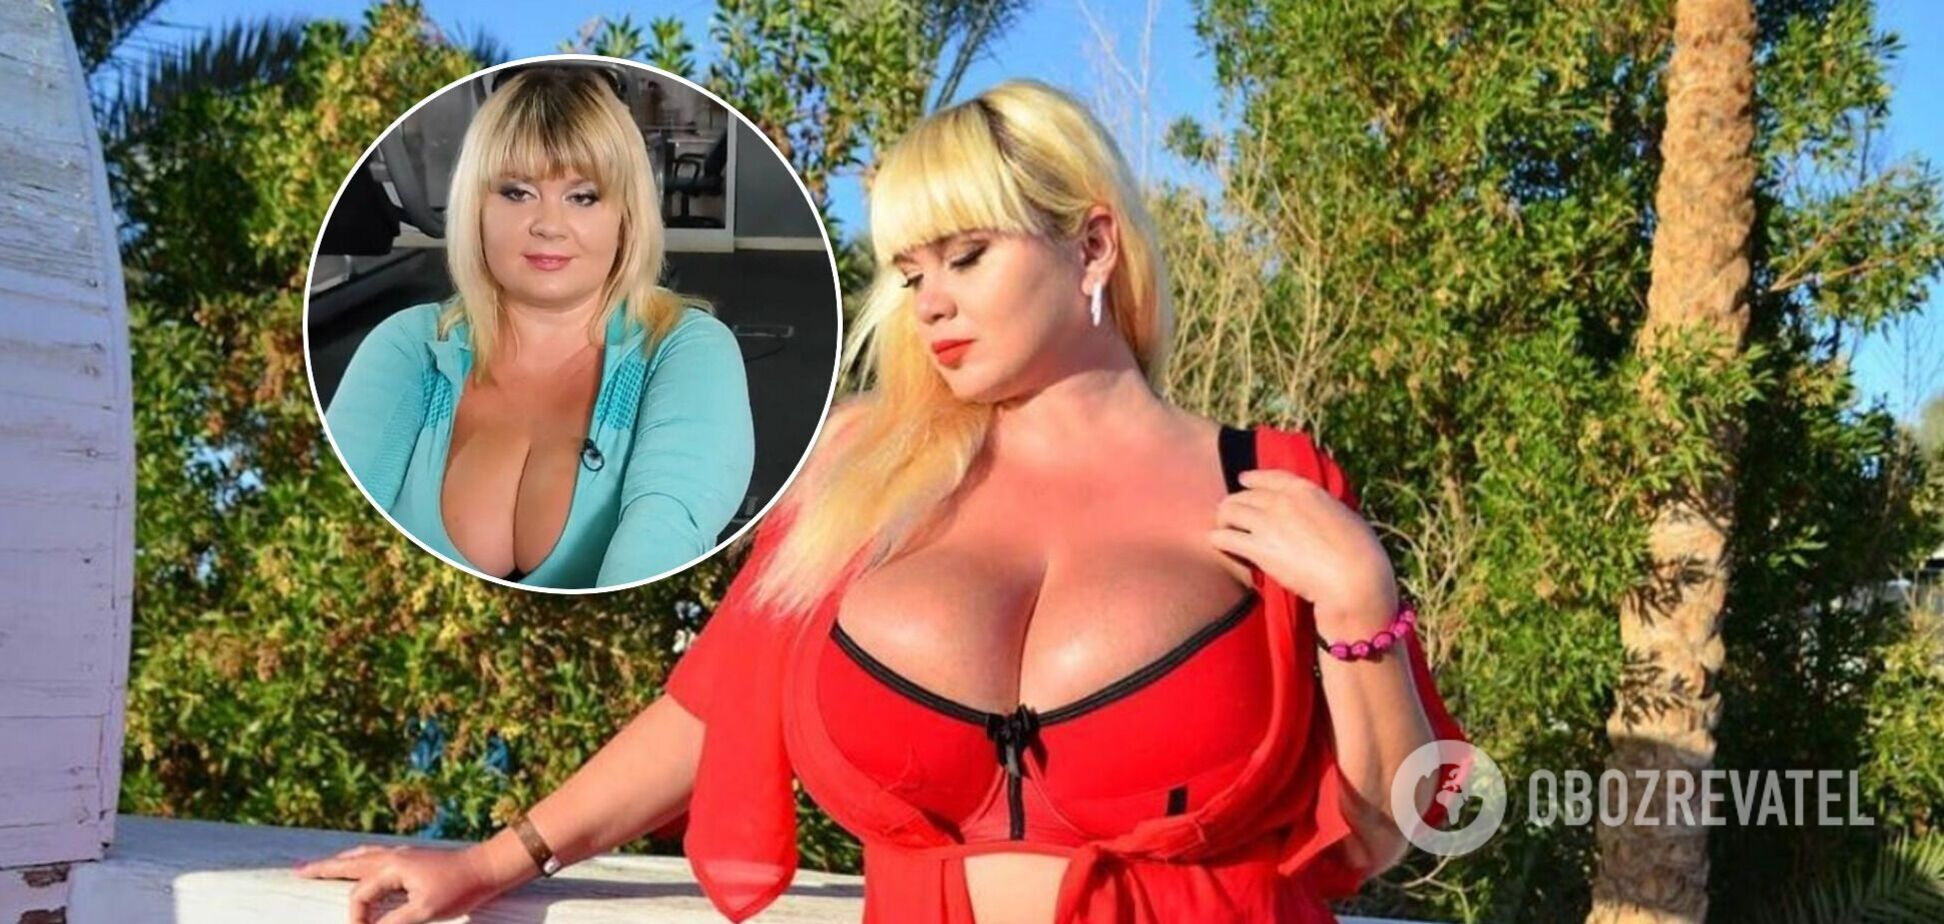 Украинка с самой большой грудью показала, как занимается в спортзале. Видео